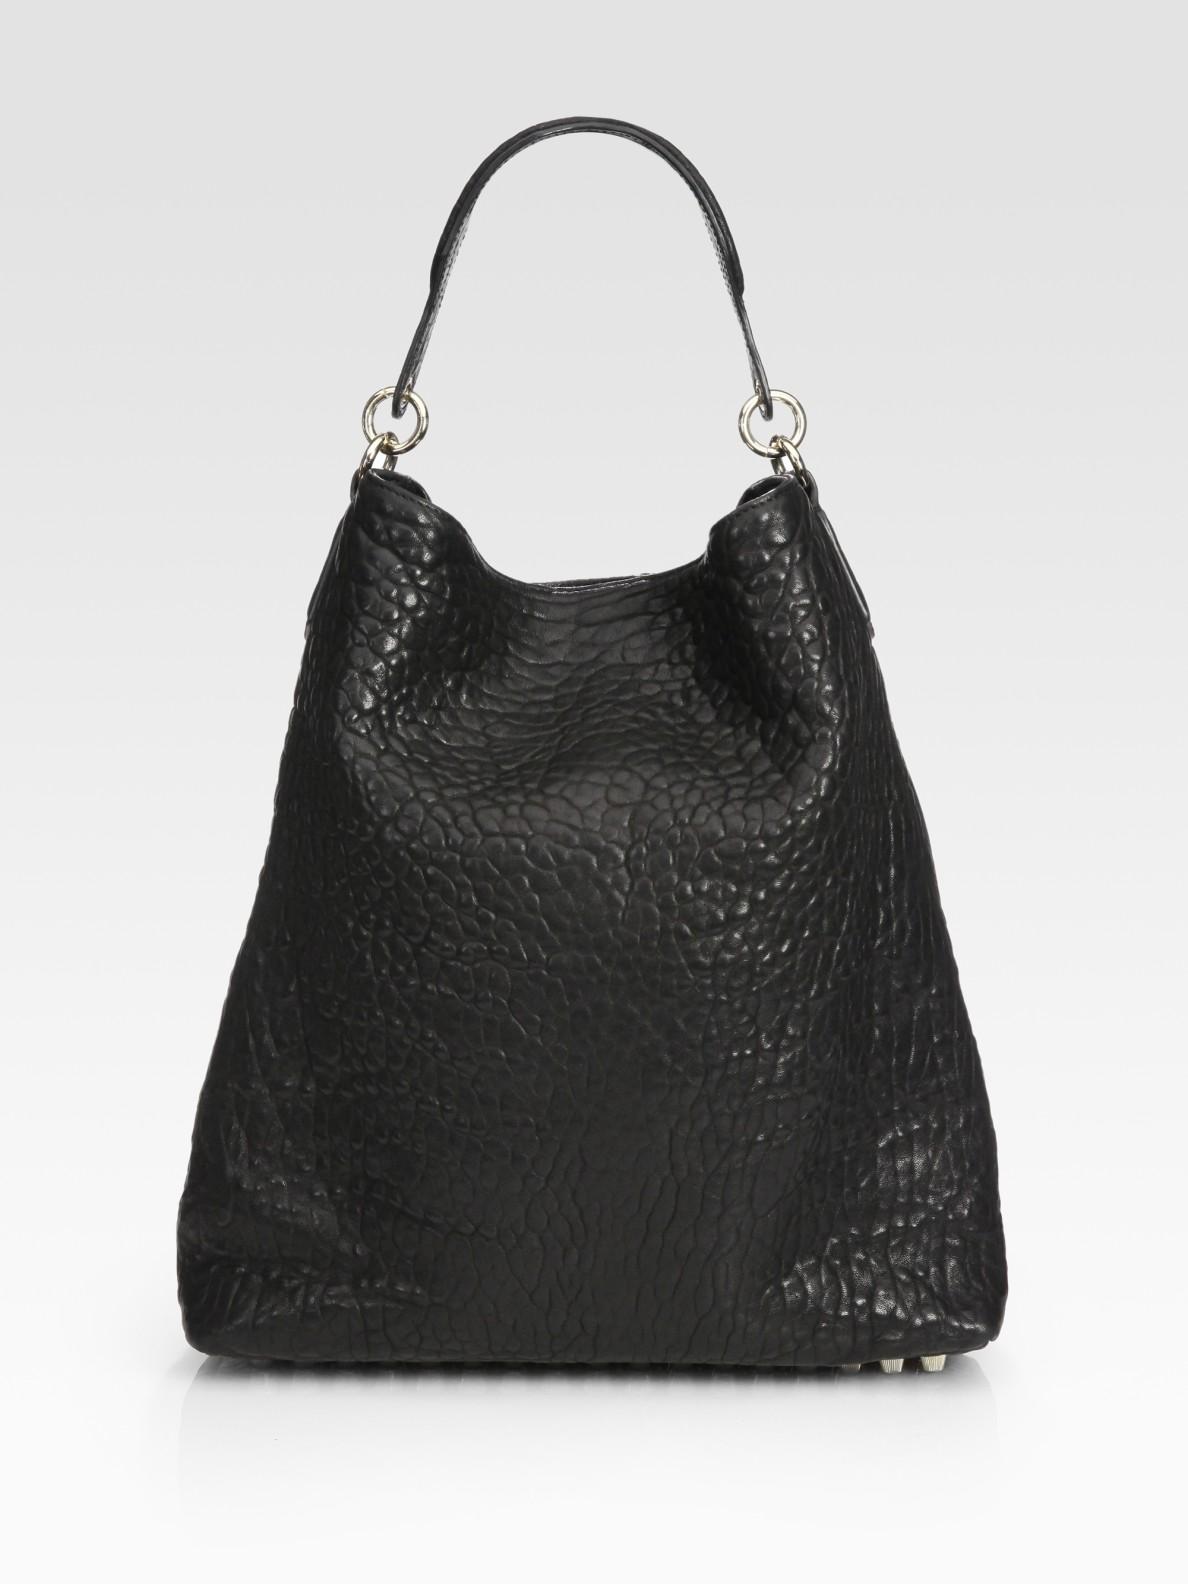 Alexander wang Darcy Hobo Bag in Black | Lyst